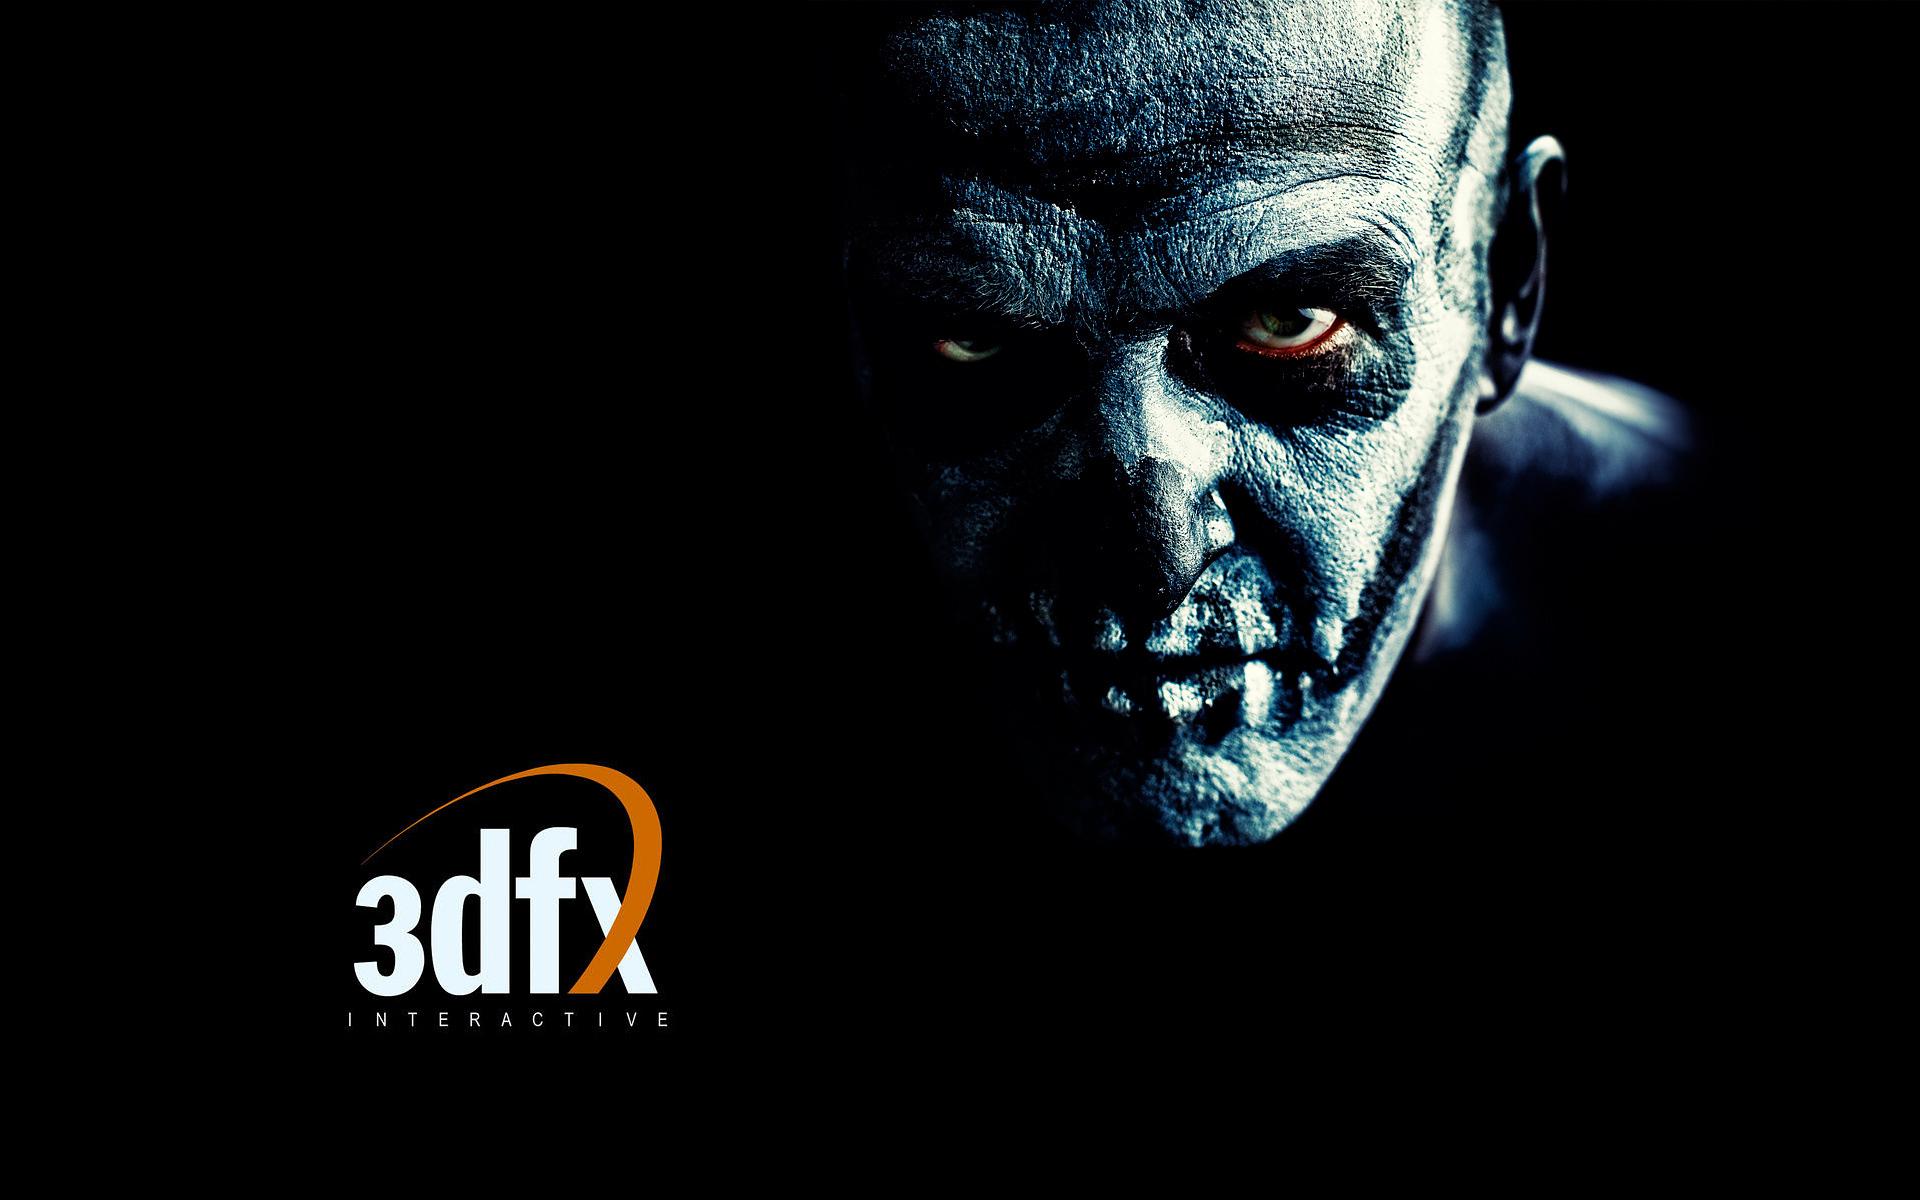 3dfx Interactive: Steht die Rückkehr nach 20 Jahren kurz bevor?